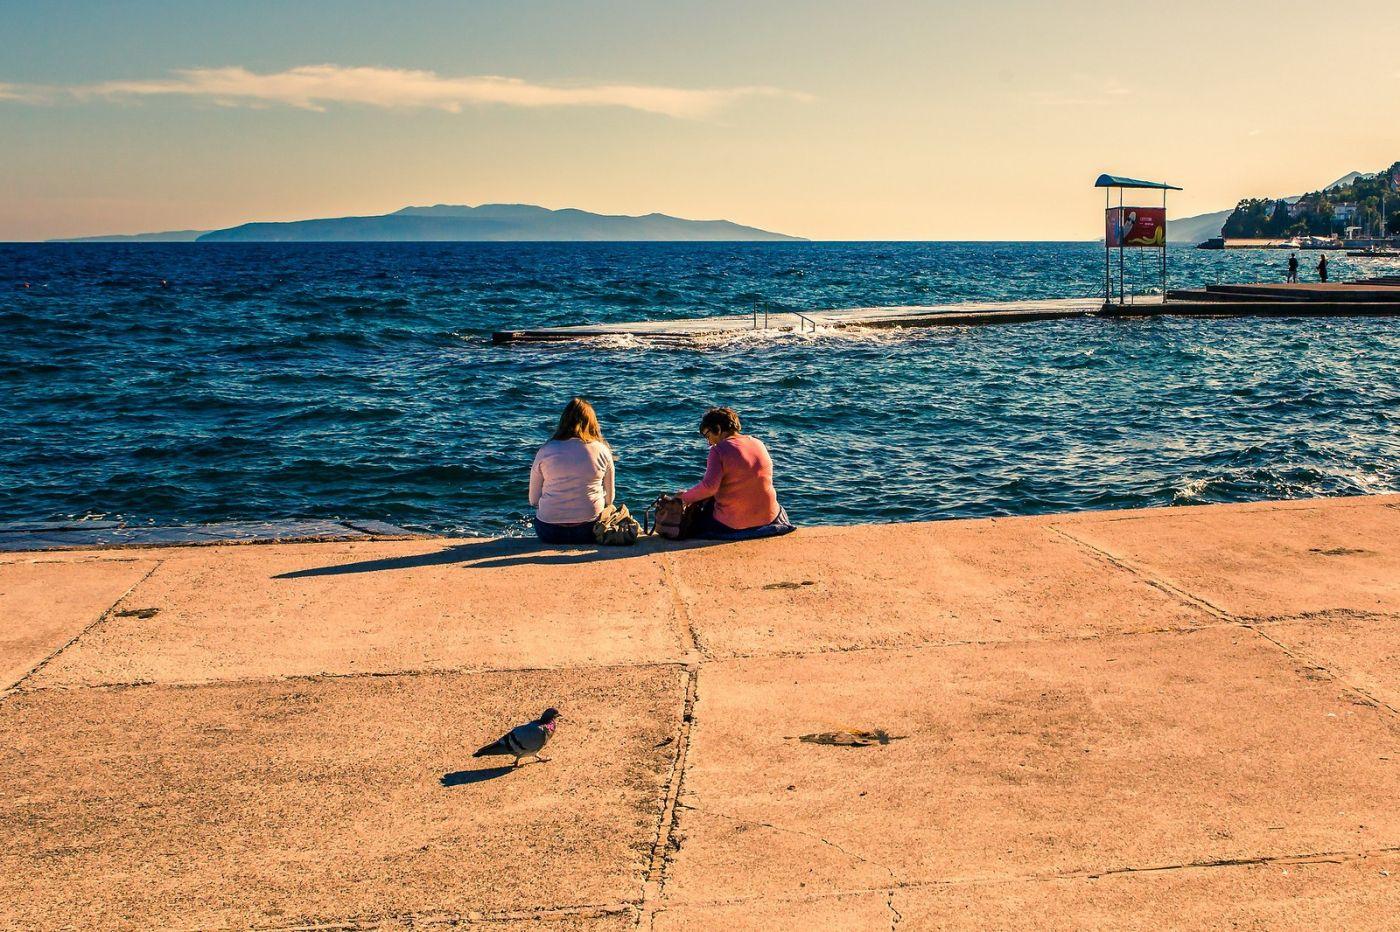 克罗地亚奥帕蒂亚(Opatija),洒满阳光的海滨城市_图1-24